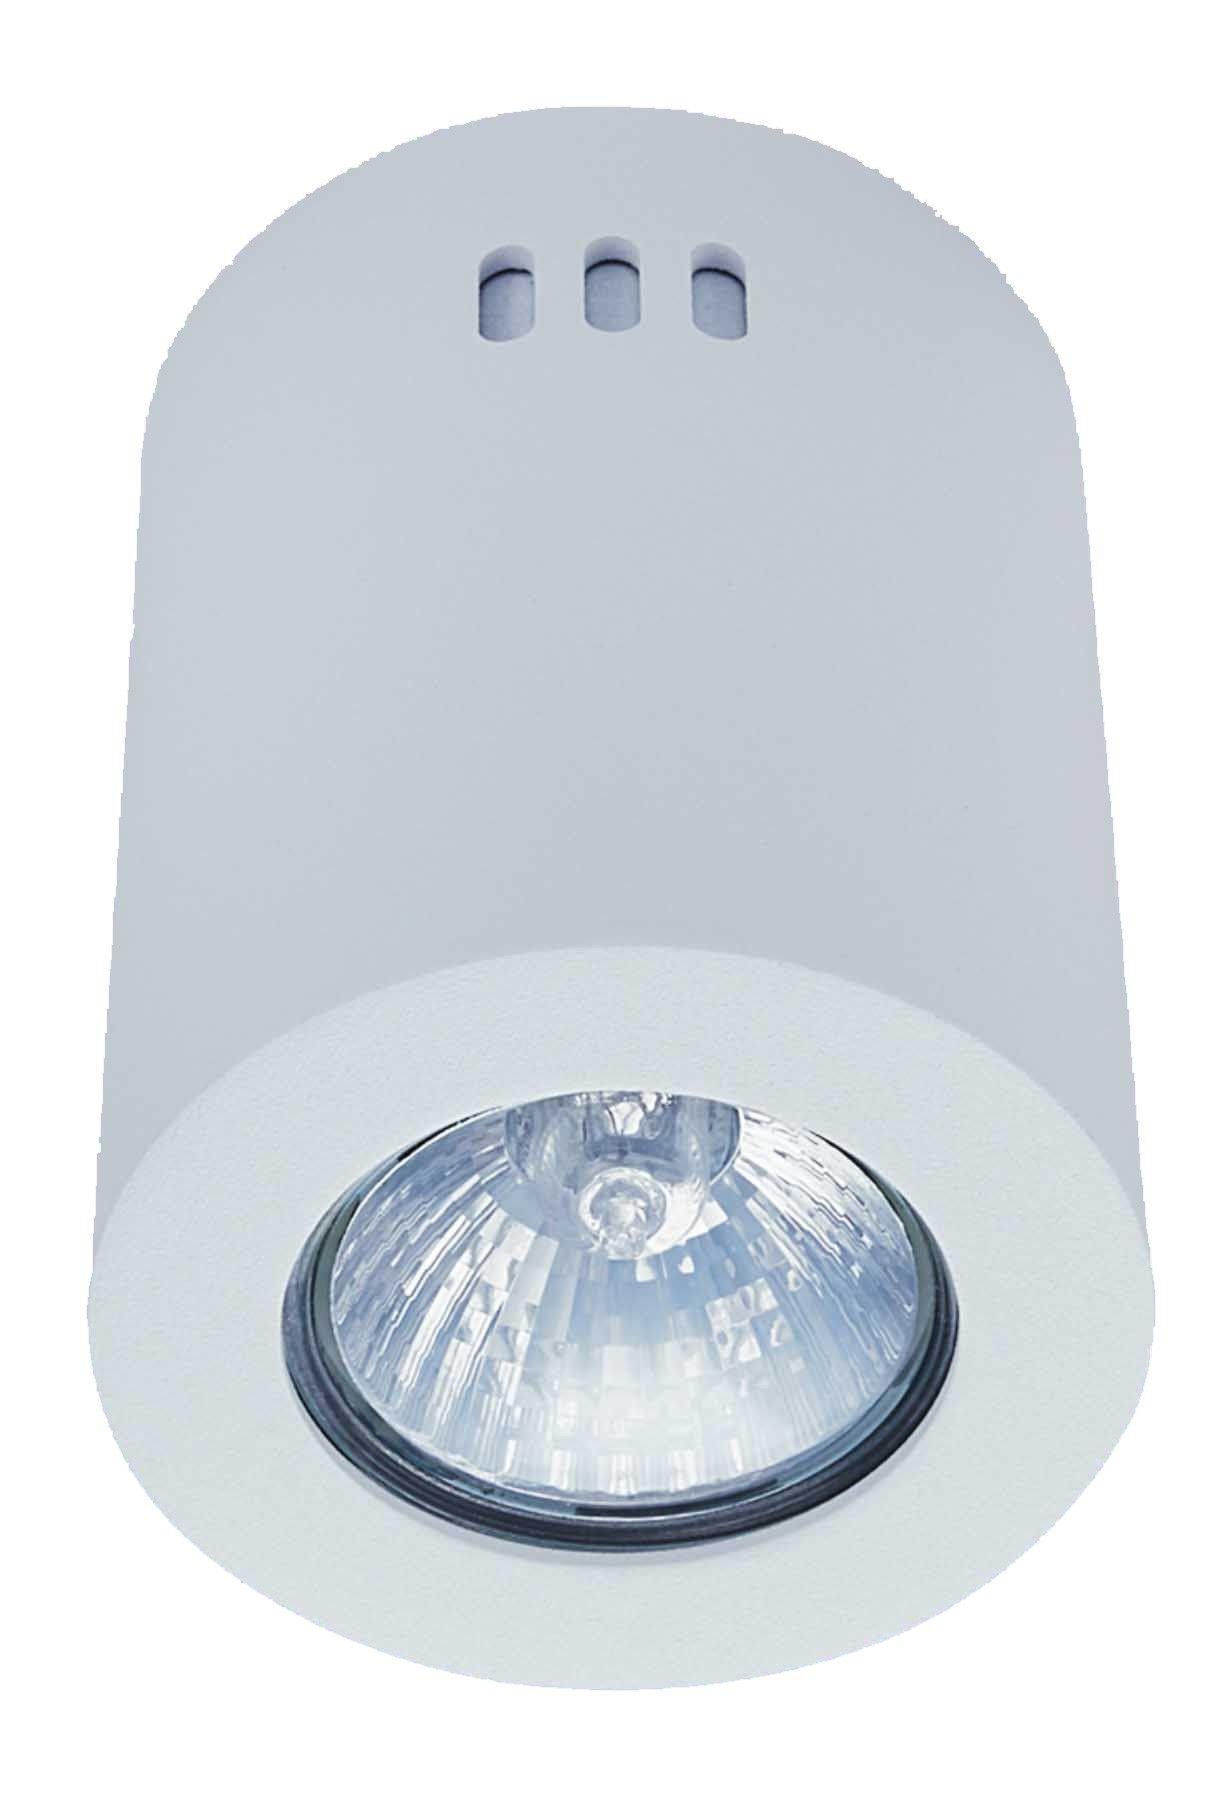 LED GU10 Surface Mounted Downlight Holder Round #FutureLightLEDLightsSouthAfrica #led #ledlights